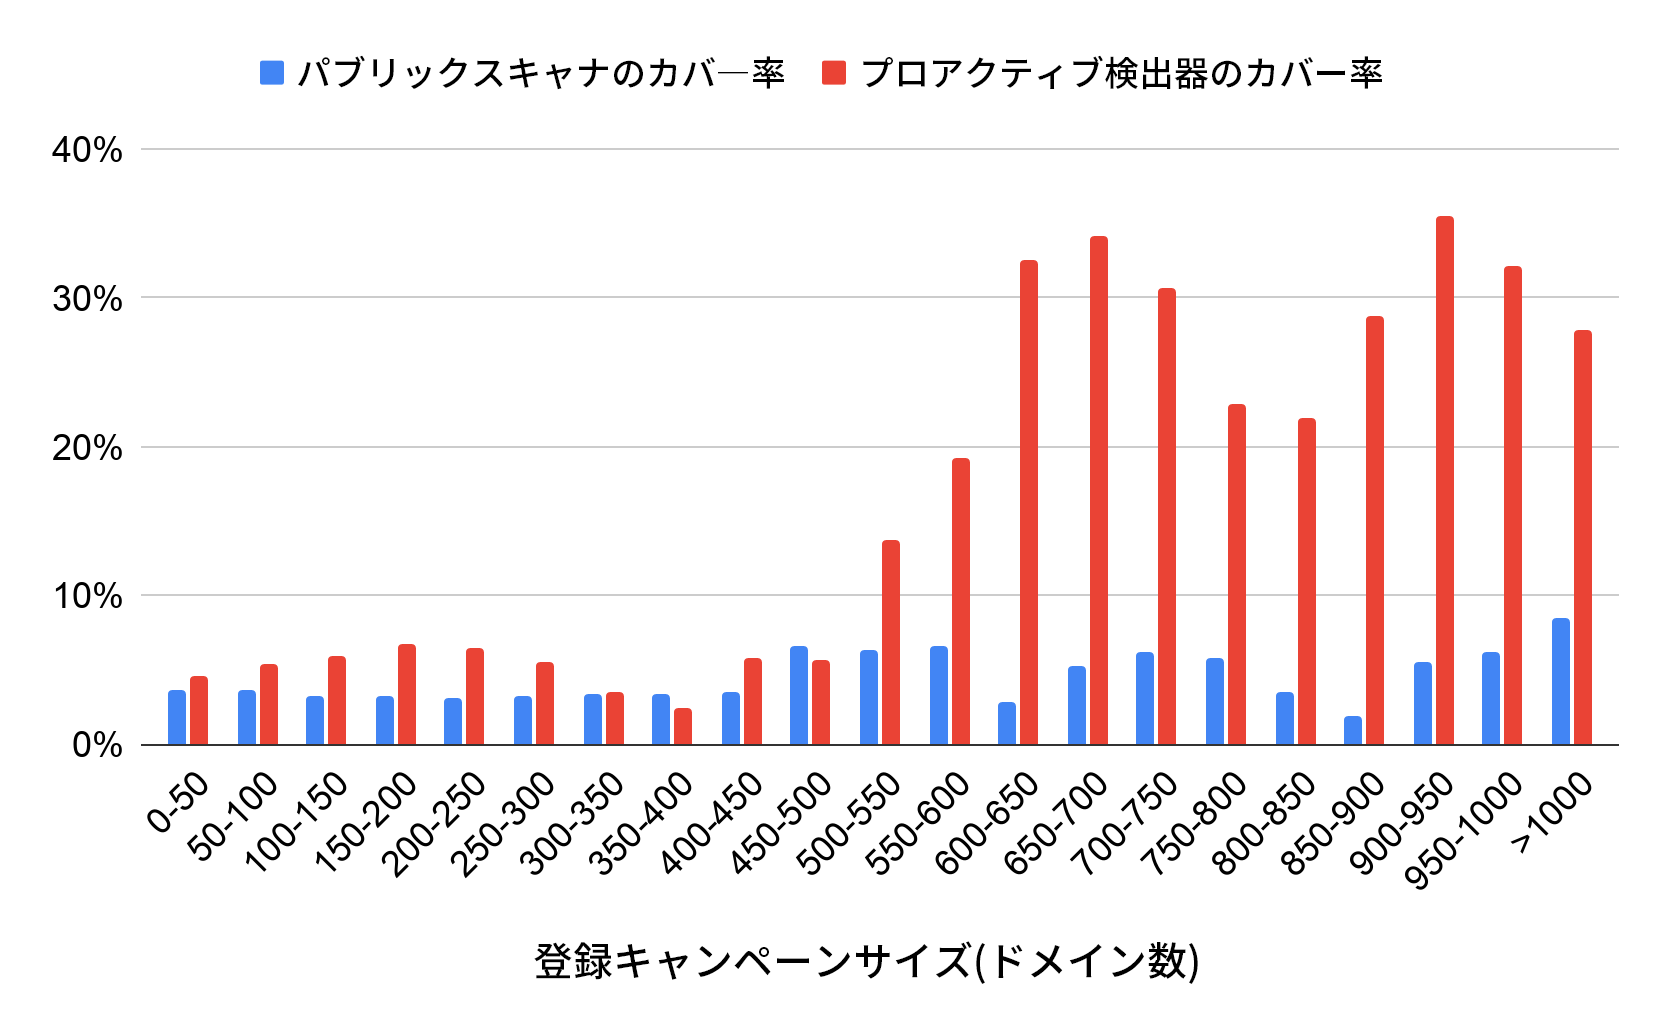 X軸はドメイン数に応じた登録キャンペーンのサイズを表しています。Y軸はパーセンテージを表します。青い線は悪意のあるドメインの検出に関するパブリックスキャナのカバレッジで、赤い線はプロアクティブ検出器のカバレッジです。